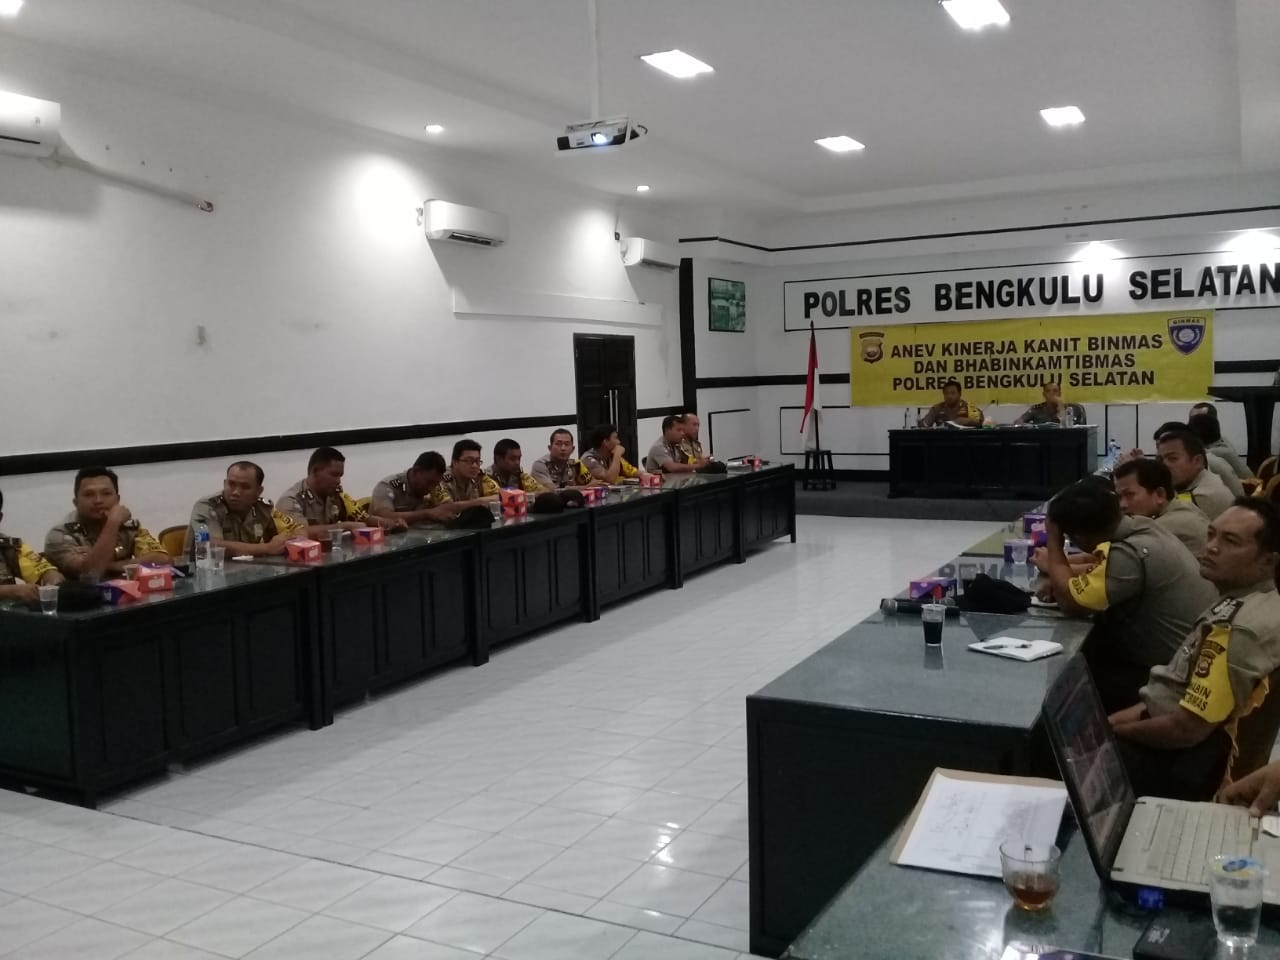 Kapolres Bengkulu Selatan Anev Kinerja Kanit Binmas dan Bhabinkamtibmas Polsek Jajaran